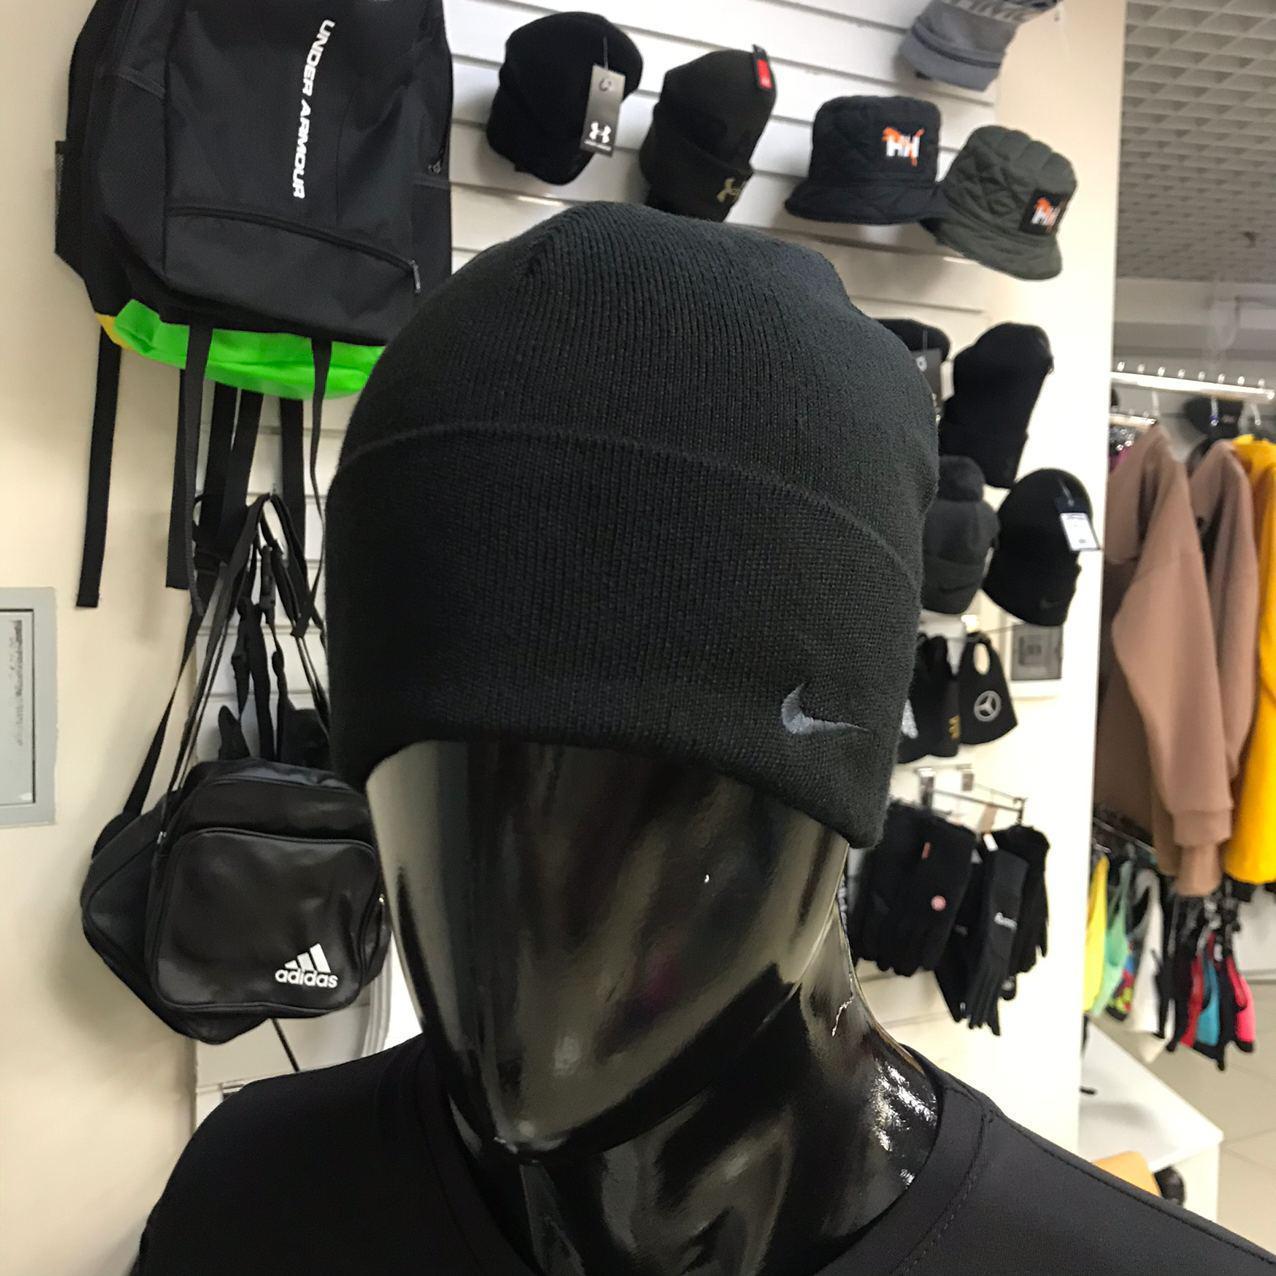 Теплая мужская спортивная шапка Nike Boreas